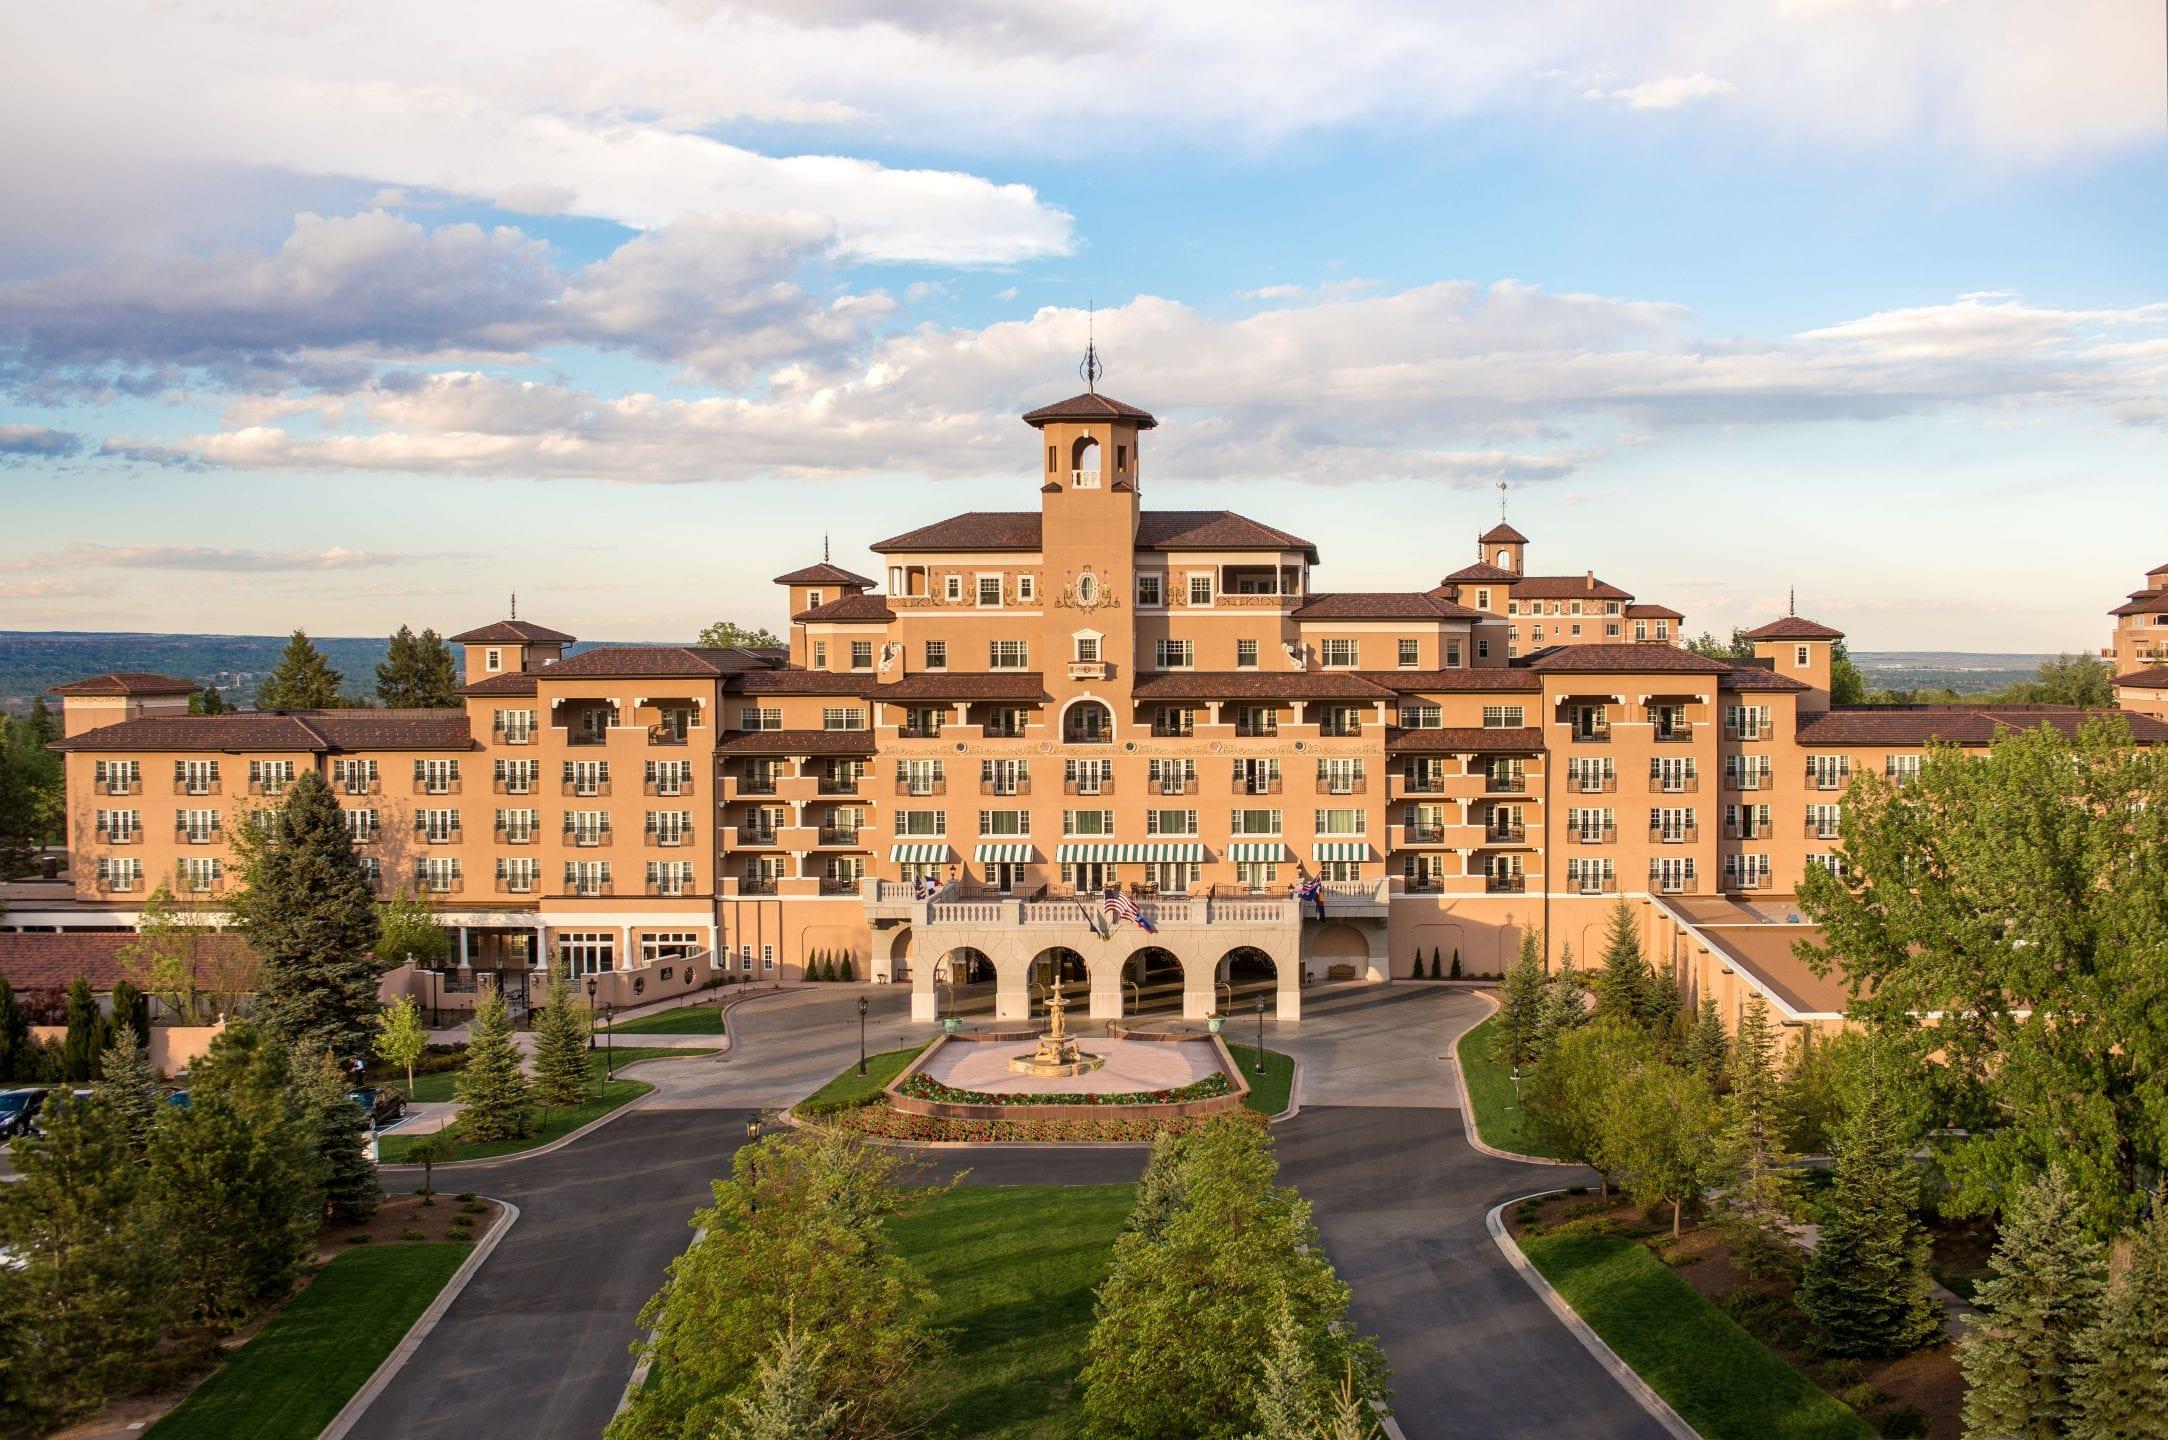 Broadmoor Hotel Ludowici Roof Tile